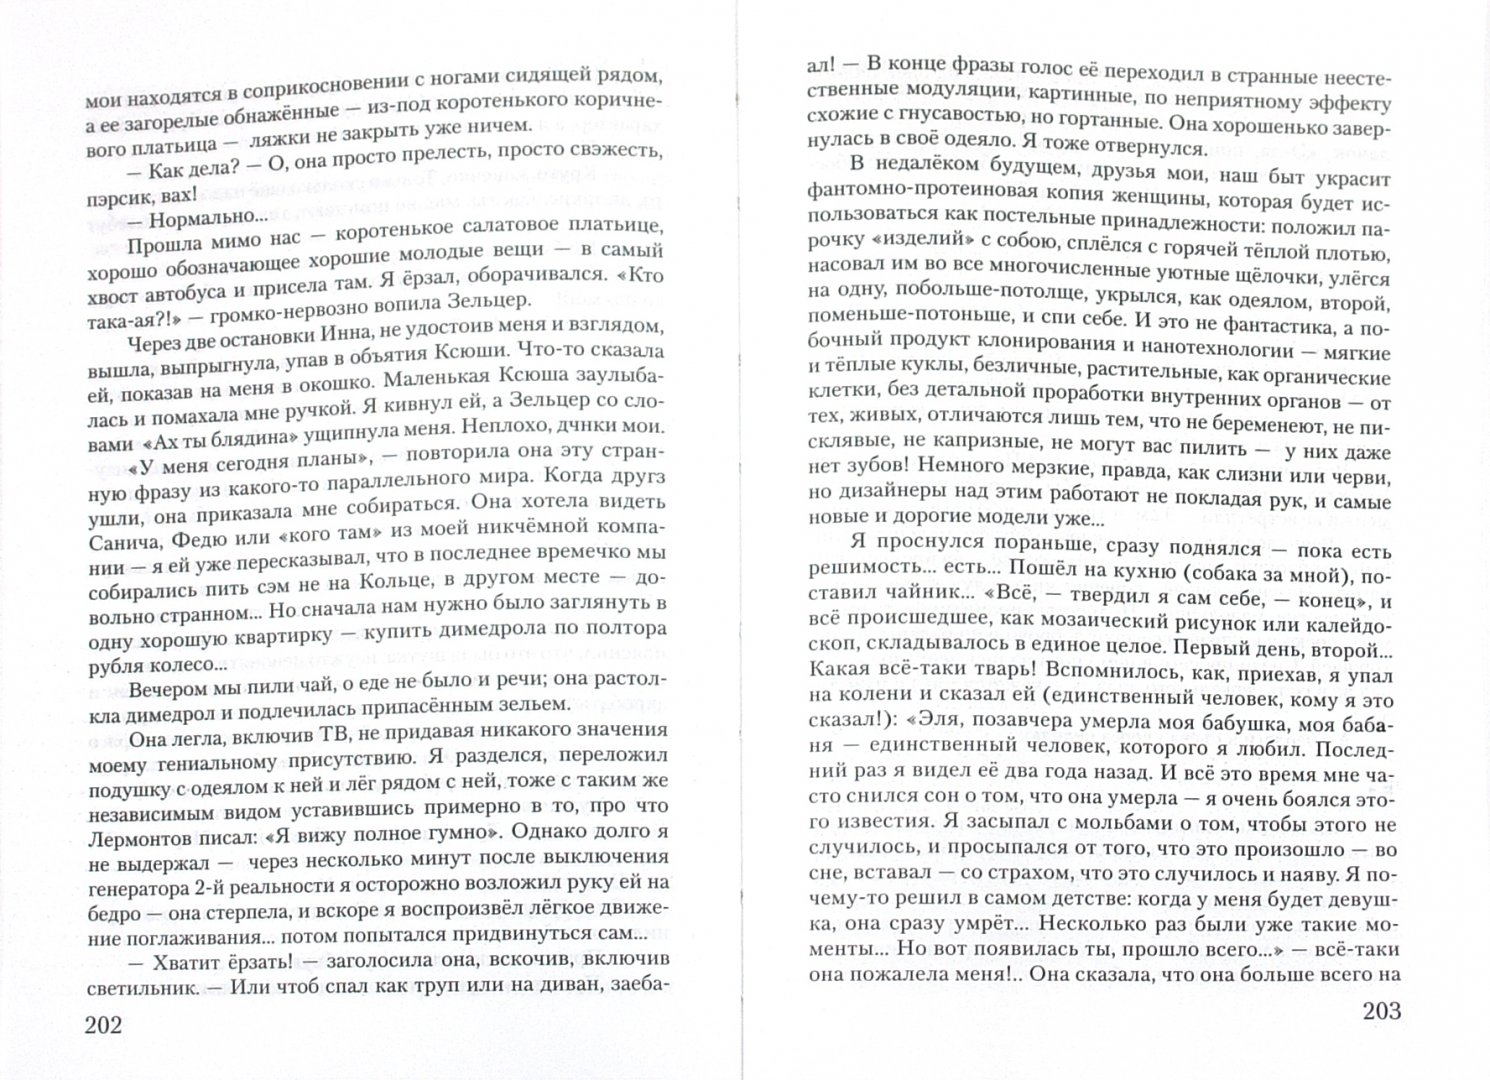 Иллюстрация 1 из 2 для Maxximum Exxtremum - Алексей Шепелев | Лабиринт - книги. Источник: Лабиринт